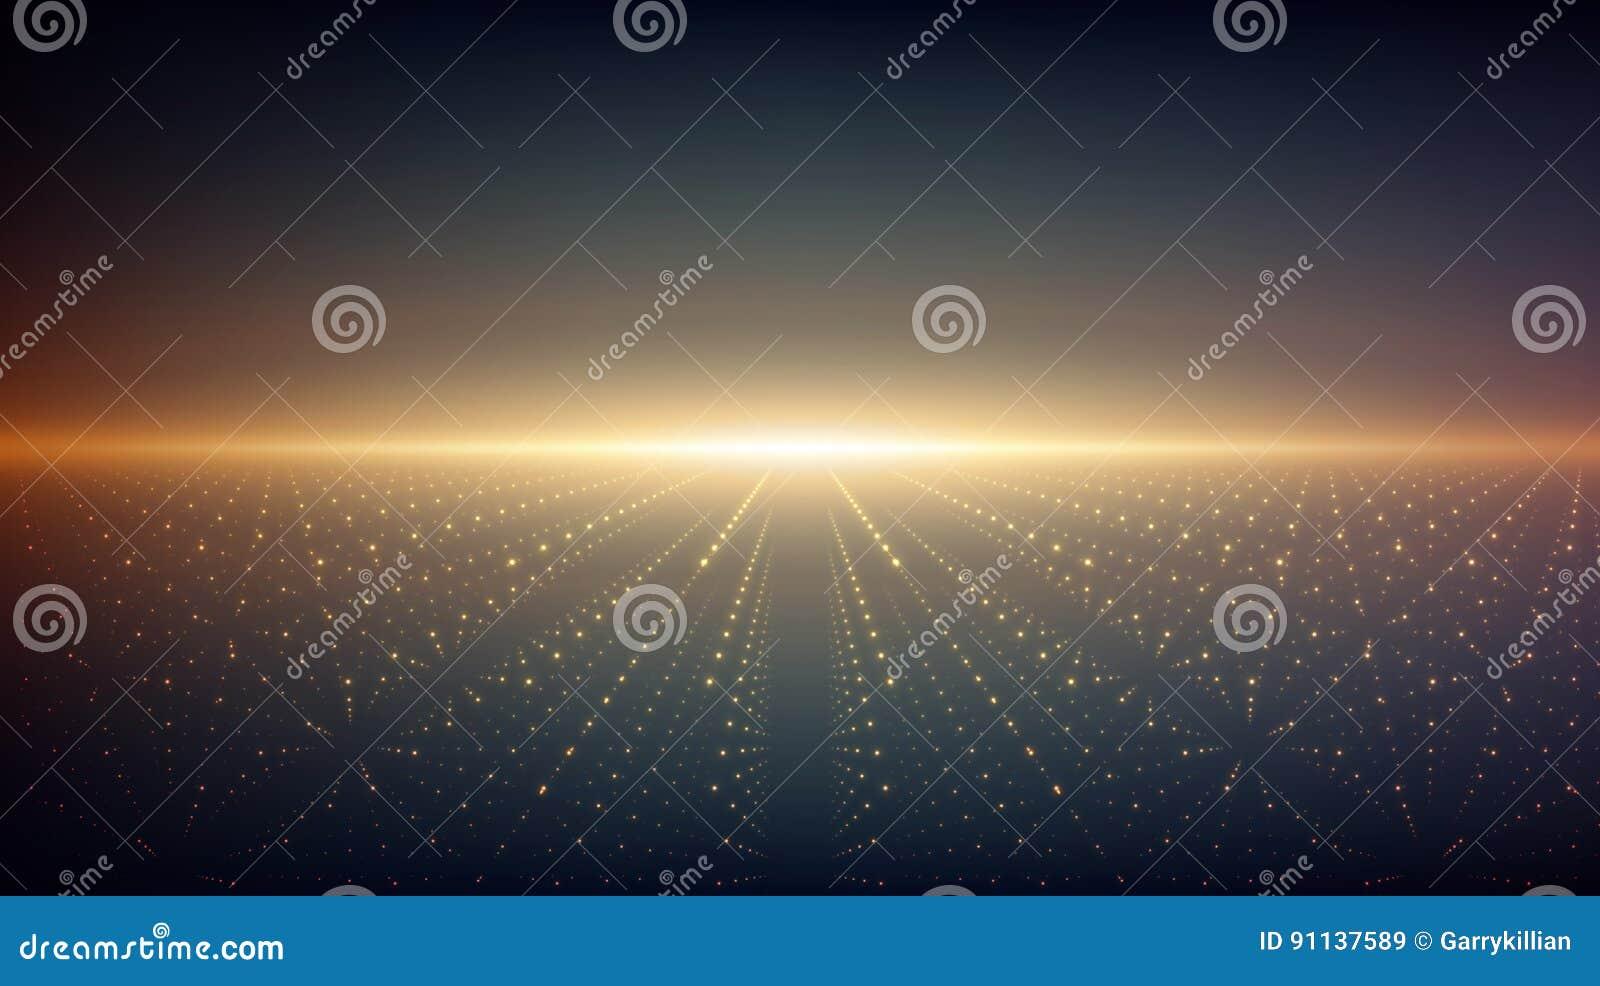 Abstracte vectoroneindigheidsachtergrond Gloeiende sterren met illusie van diepte en perspectief